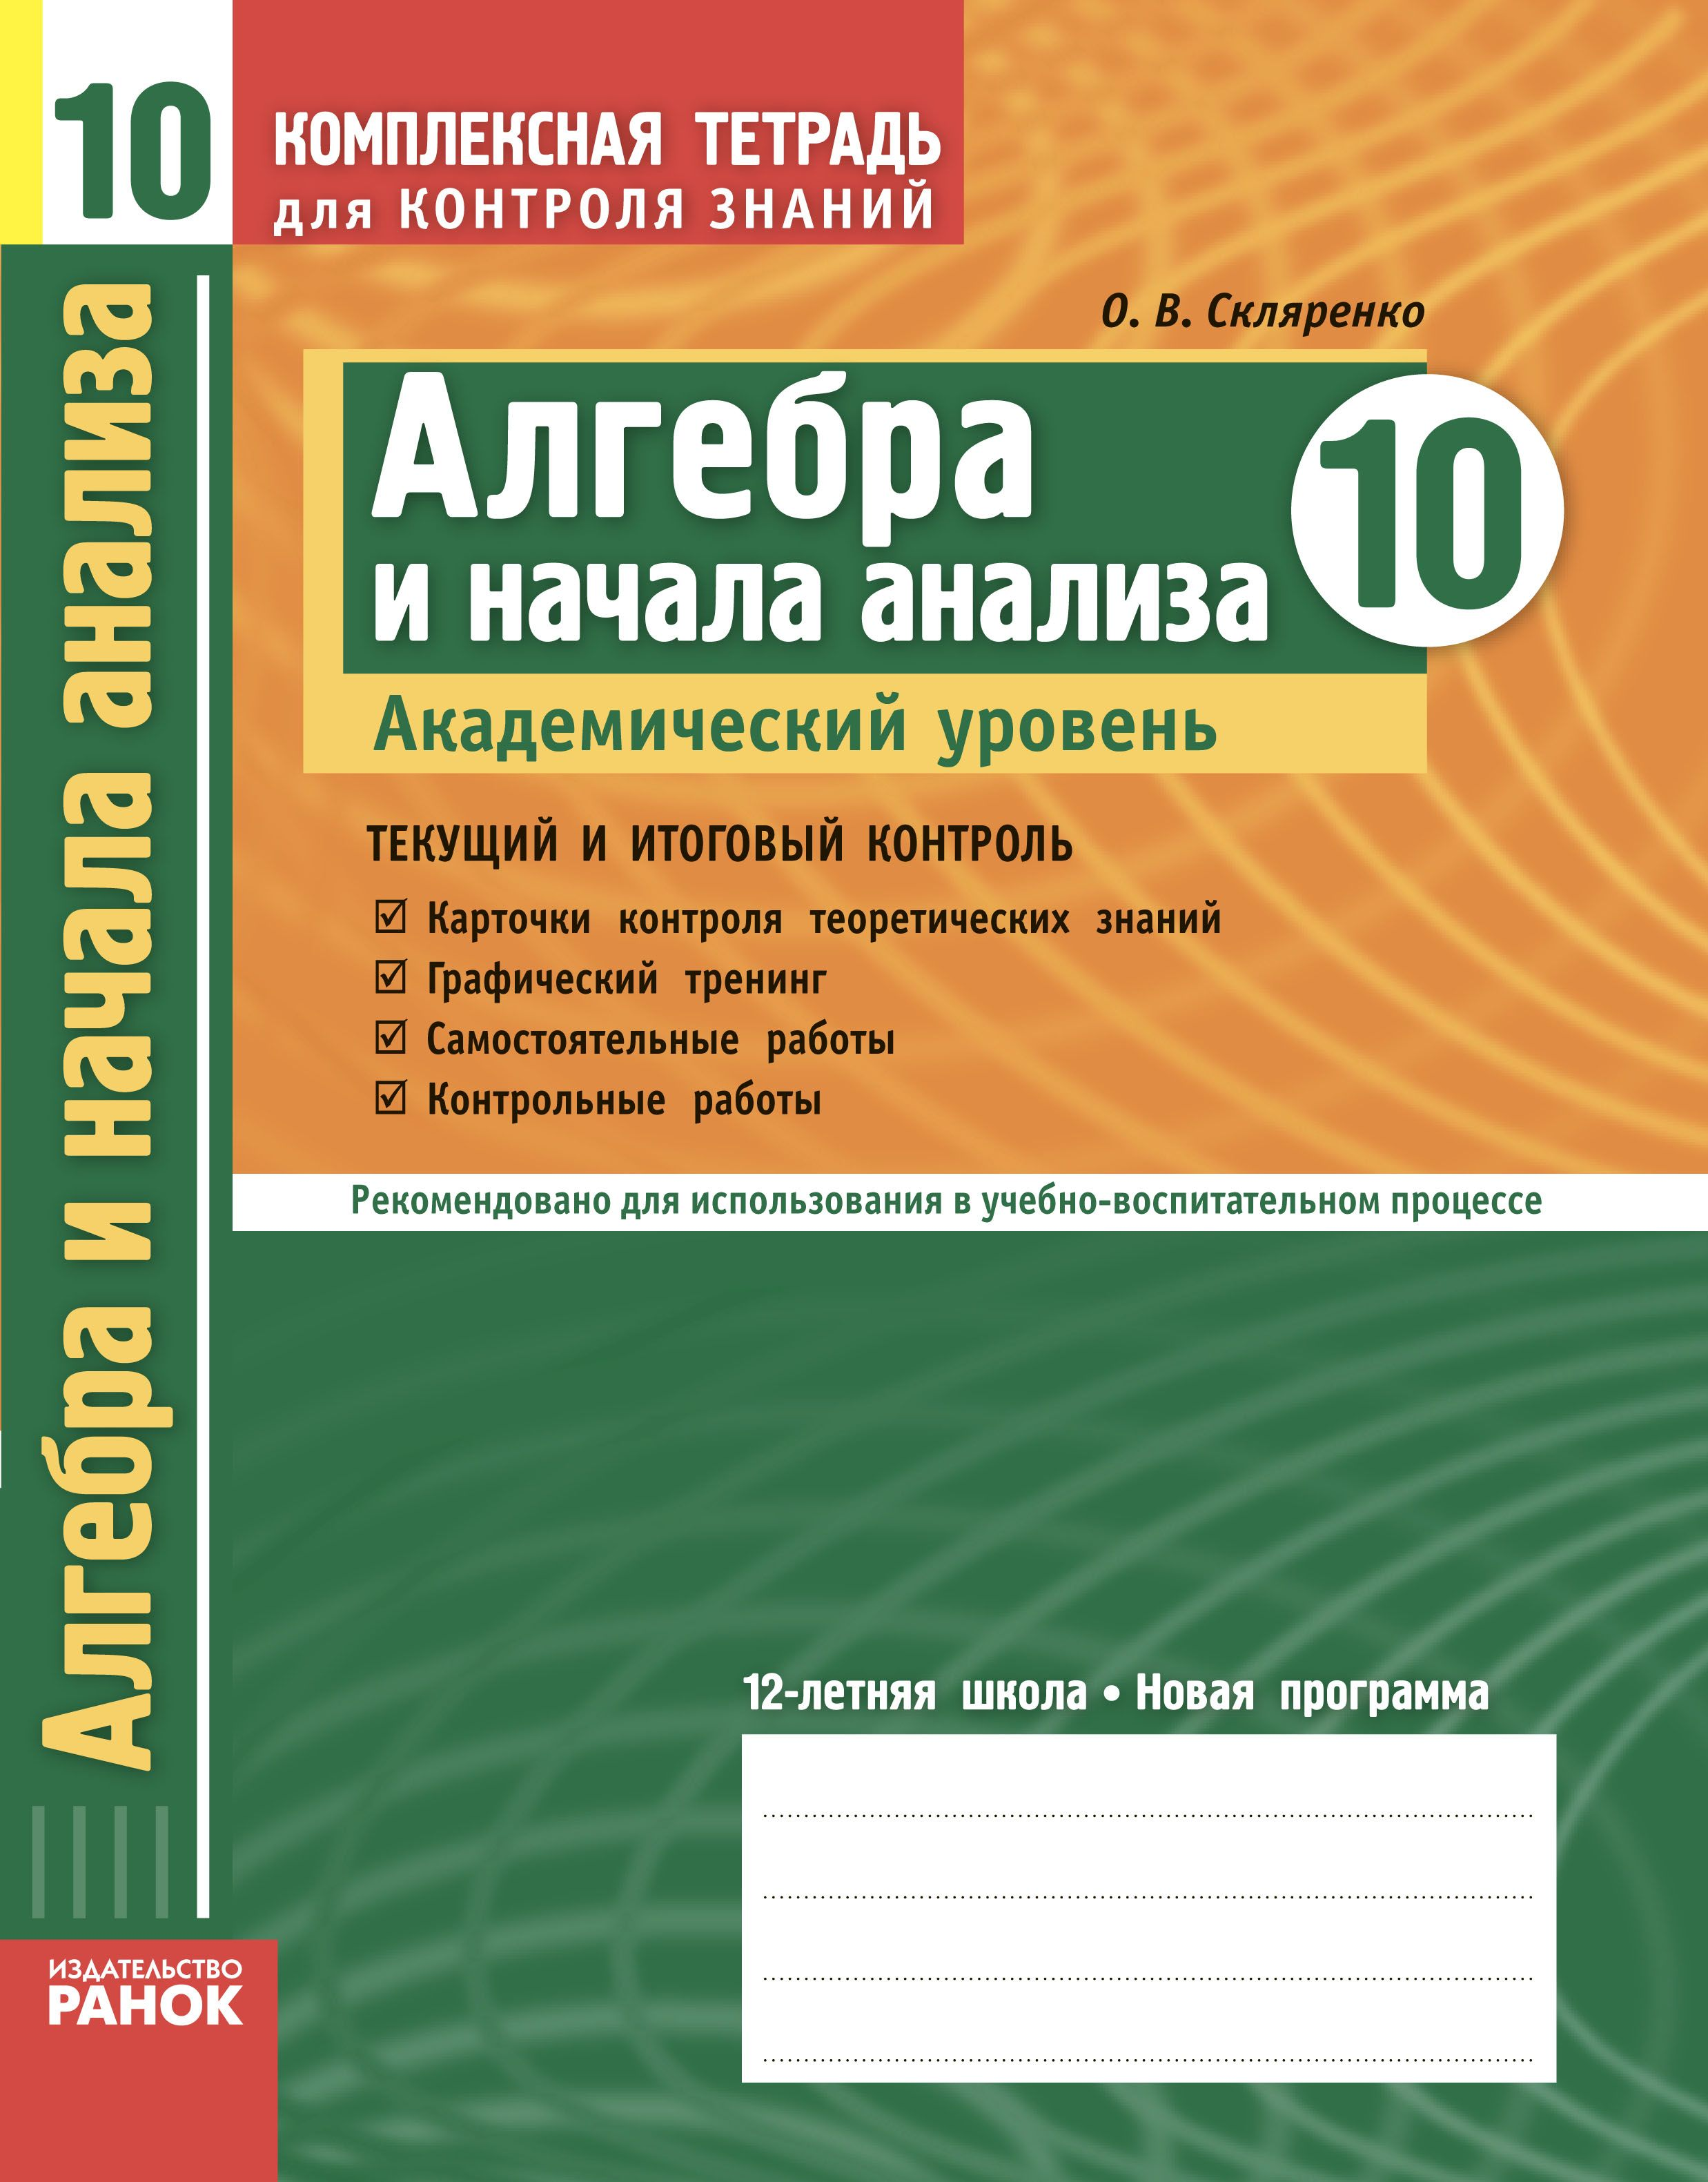 Тетрадь с печатной основой по алгебре для 10 класса